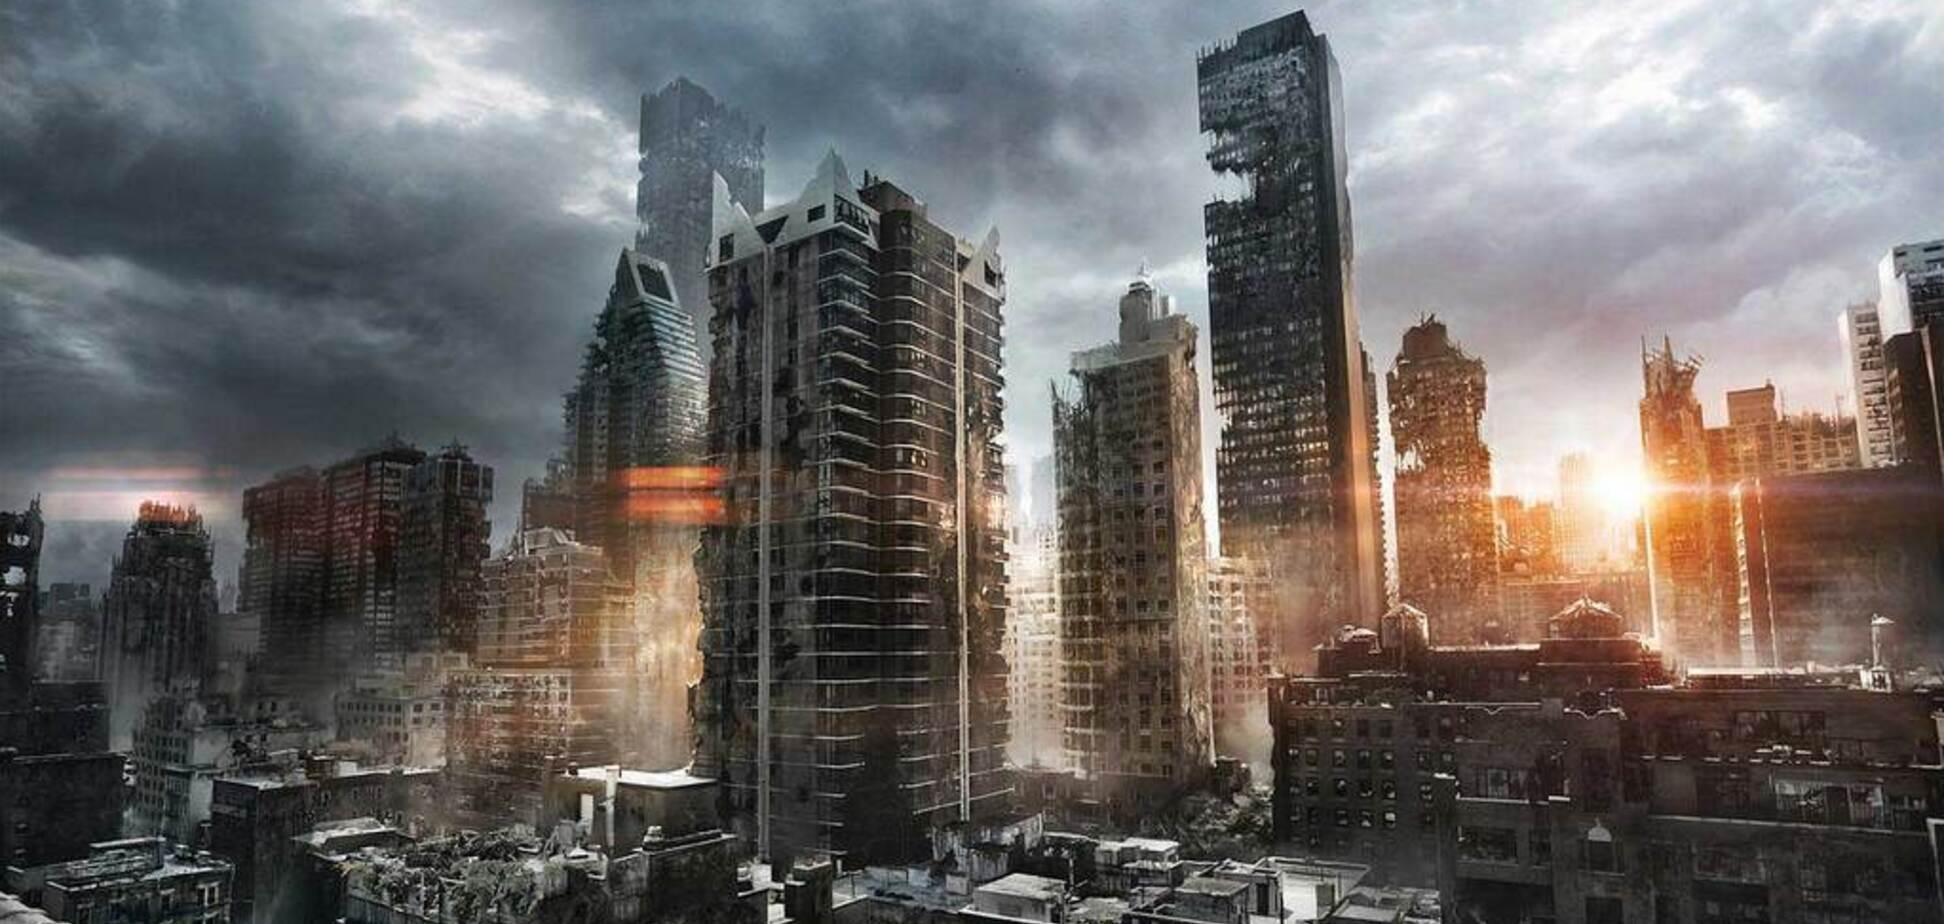 Астероид Апофис и конец света: астролог сказал, что спасет Землю